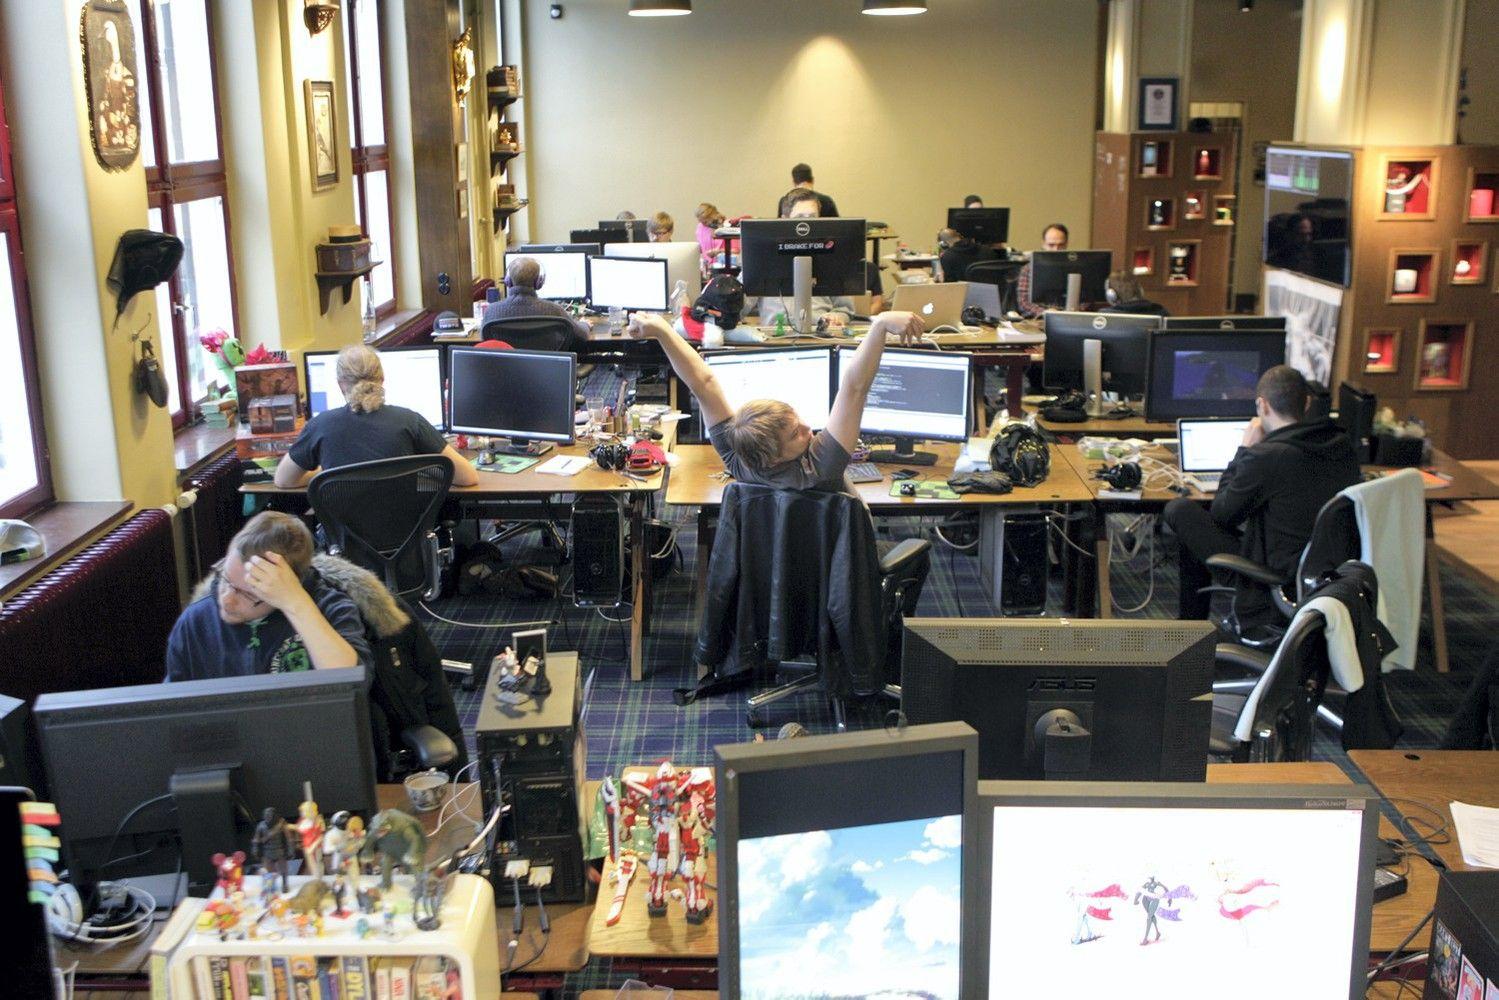 Darbdaviai pataria: kaip užkirsti kelią darbuotojų perdegimui